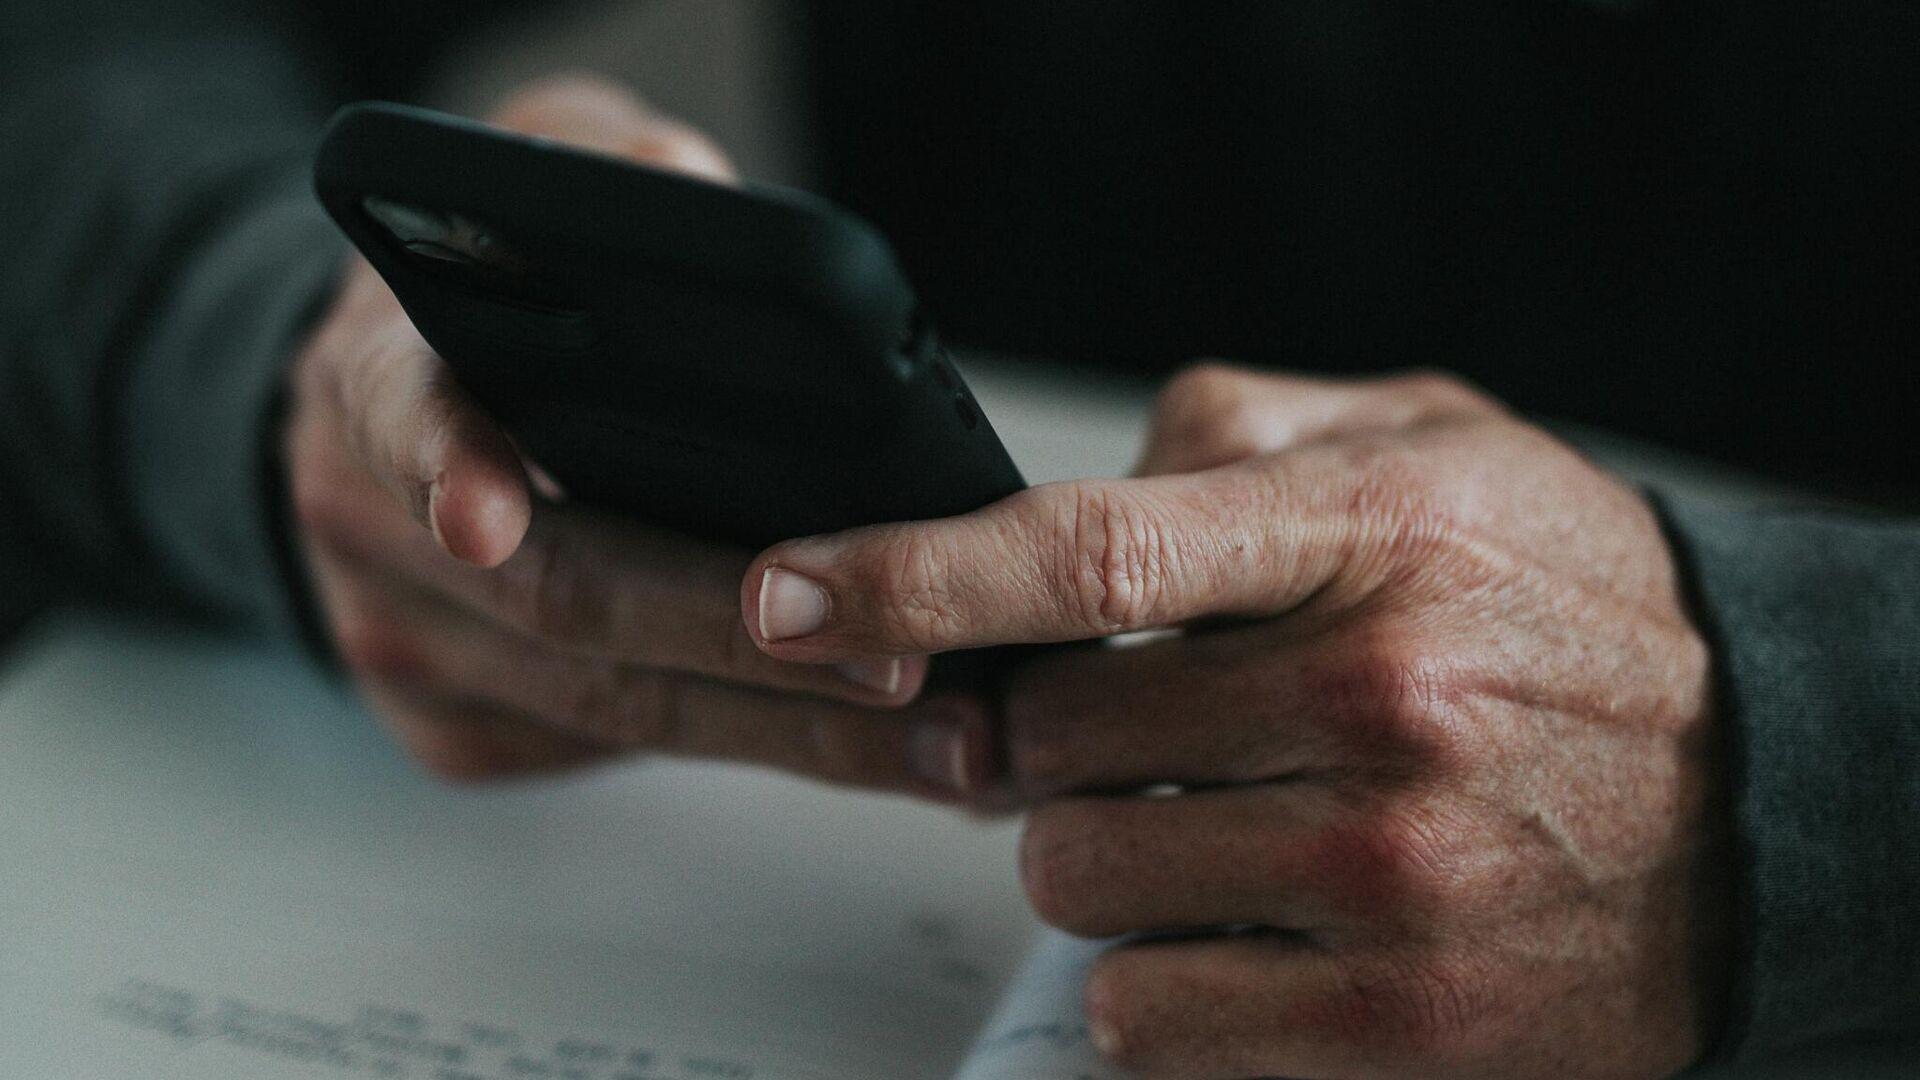 Una persona con un teléfono en sus manos - Sputnik Mundo, 1920, 27.08.2021